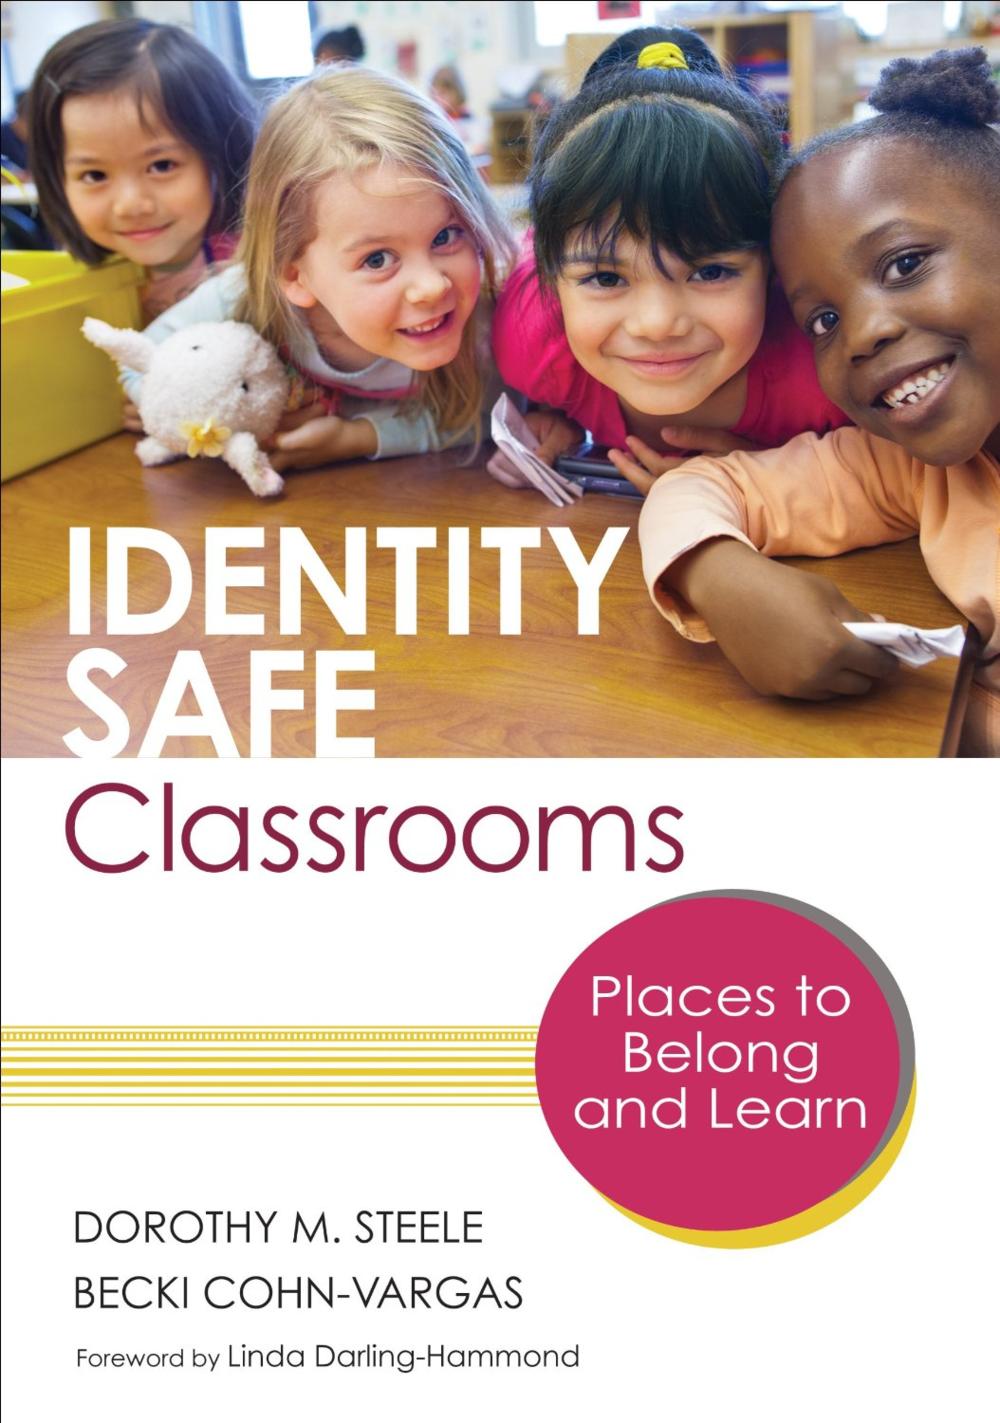 IdentitySafeClassroomsjpg